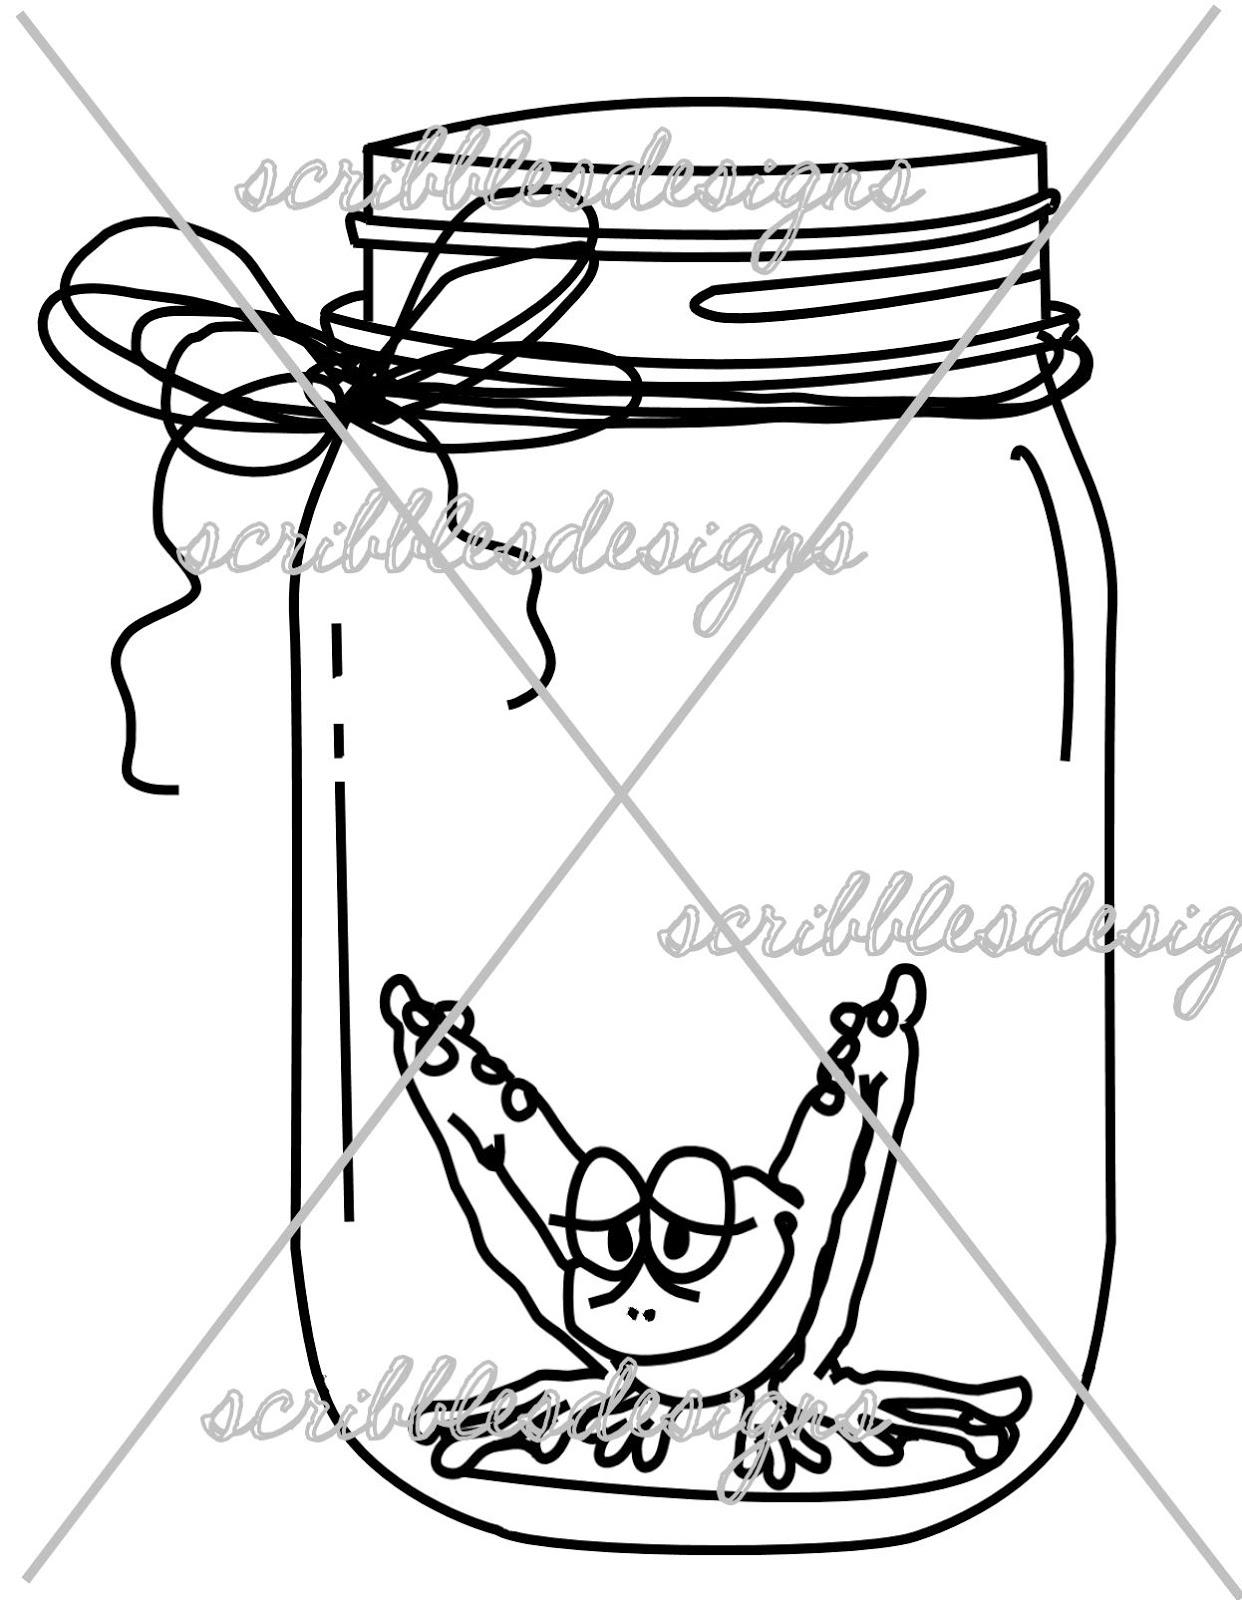 http://buyscribblesdesigns.blogspot.com/2015/03/898-frog-mason-jar-300.html